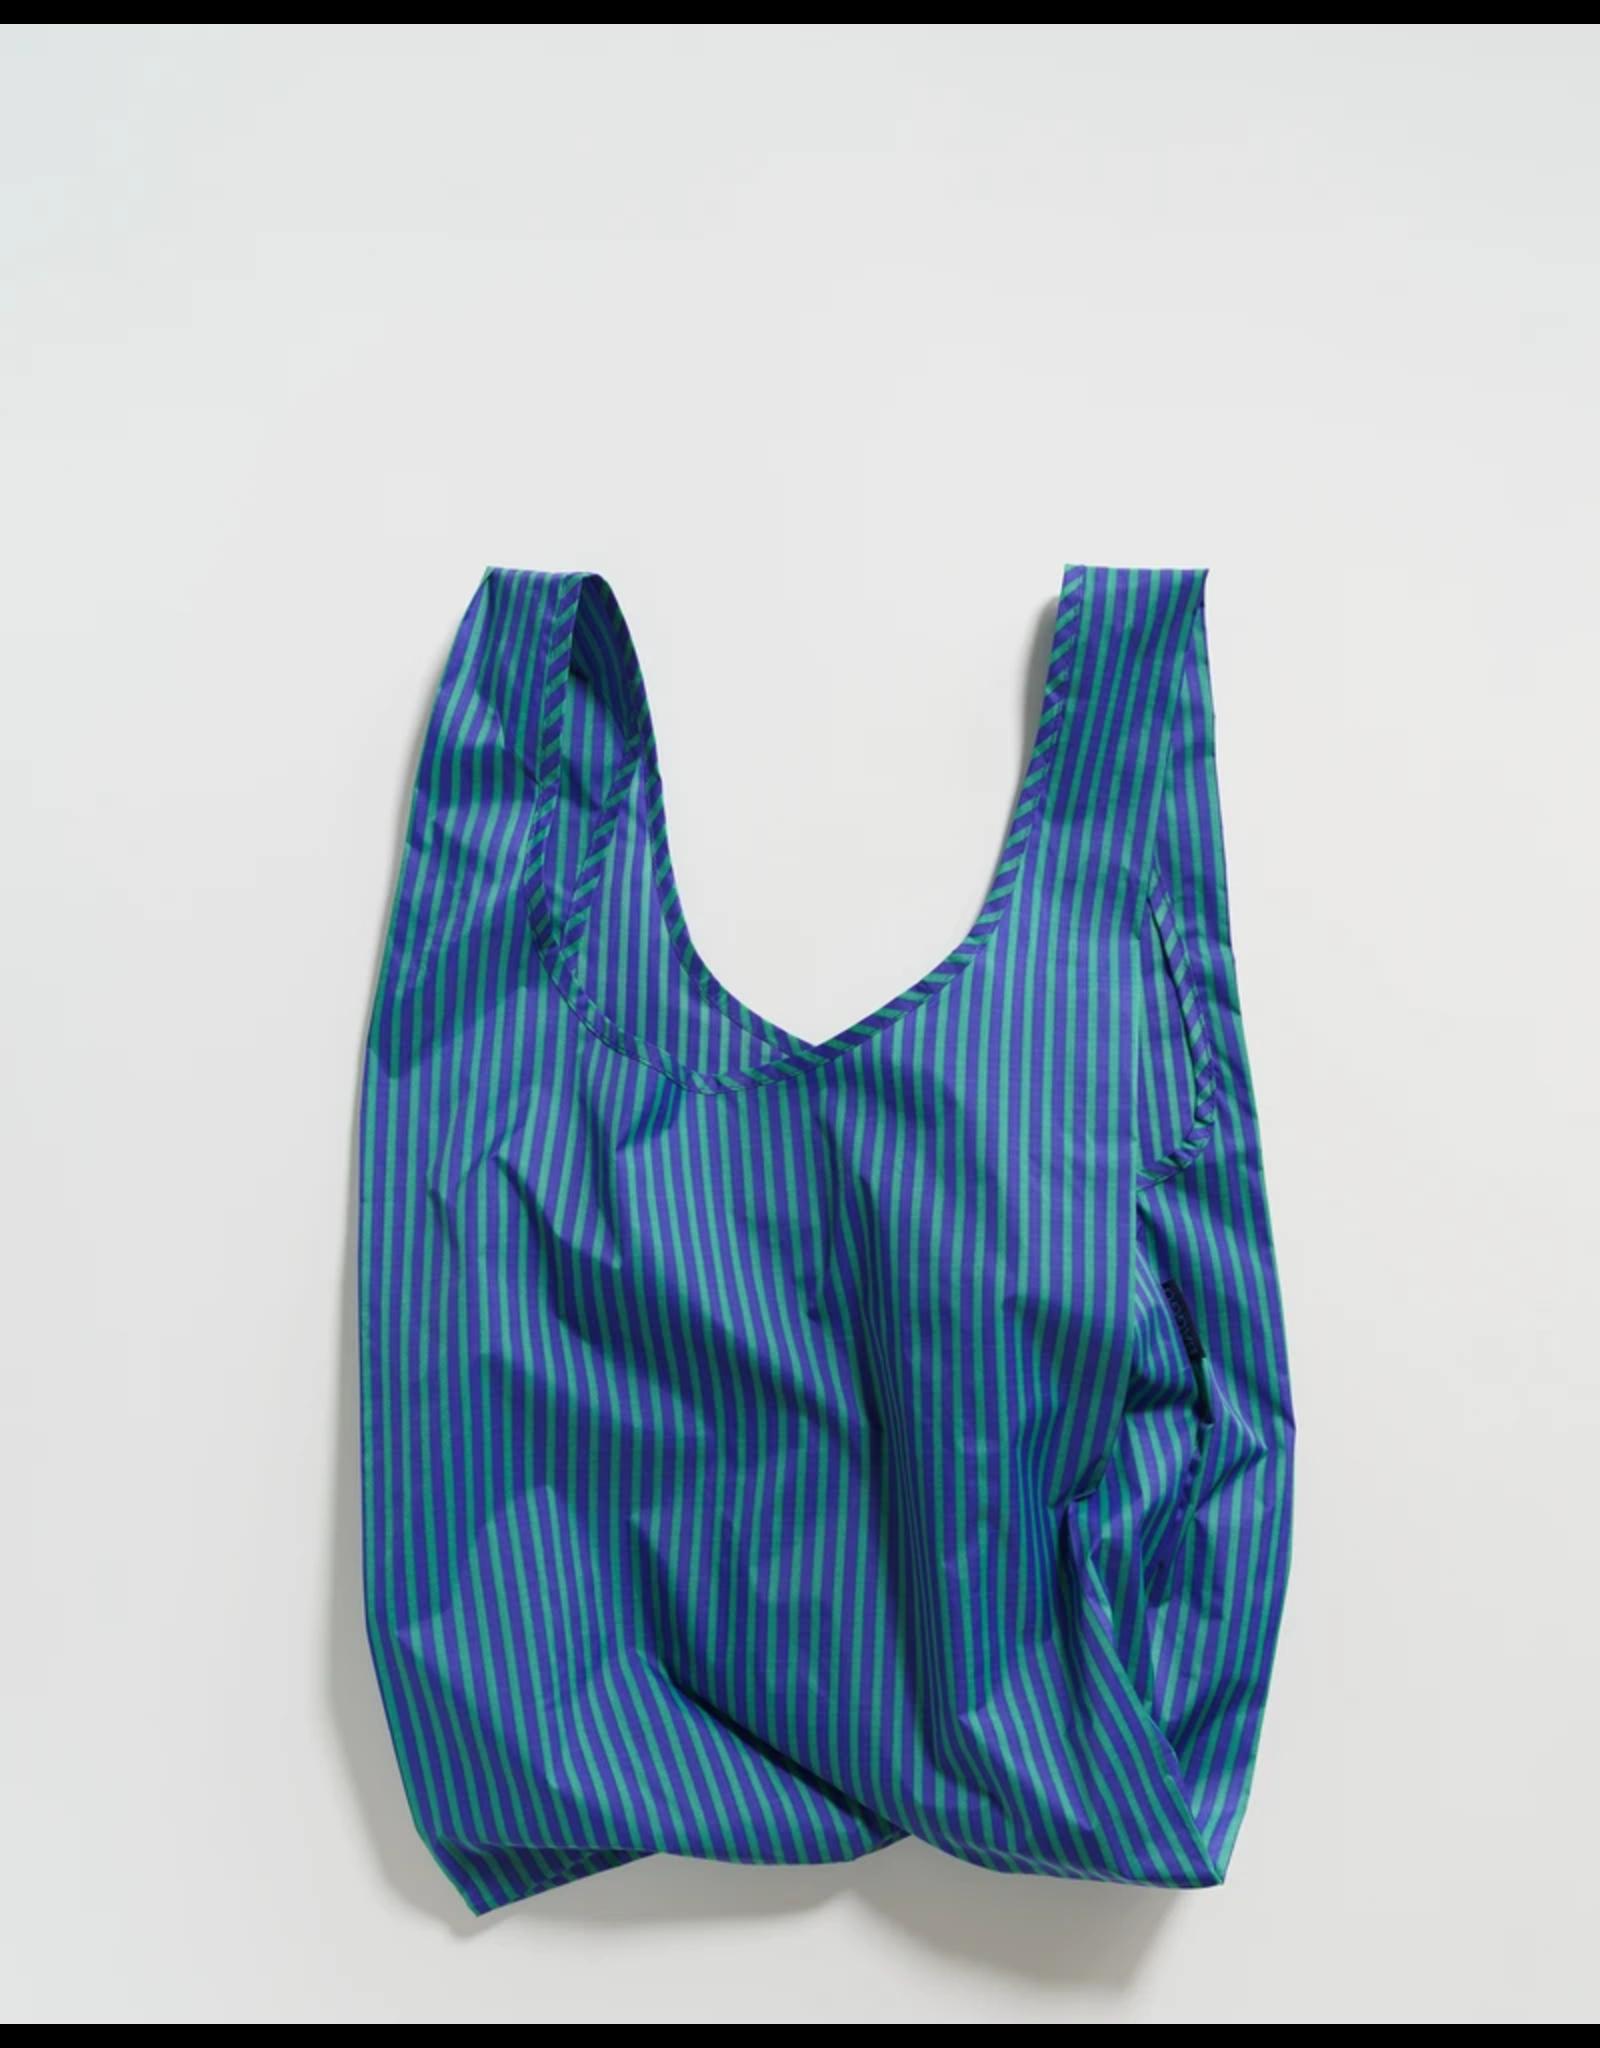 Baggu Baggu Cobalt & Jade Stripe Reusable Bag